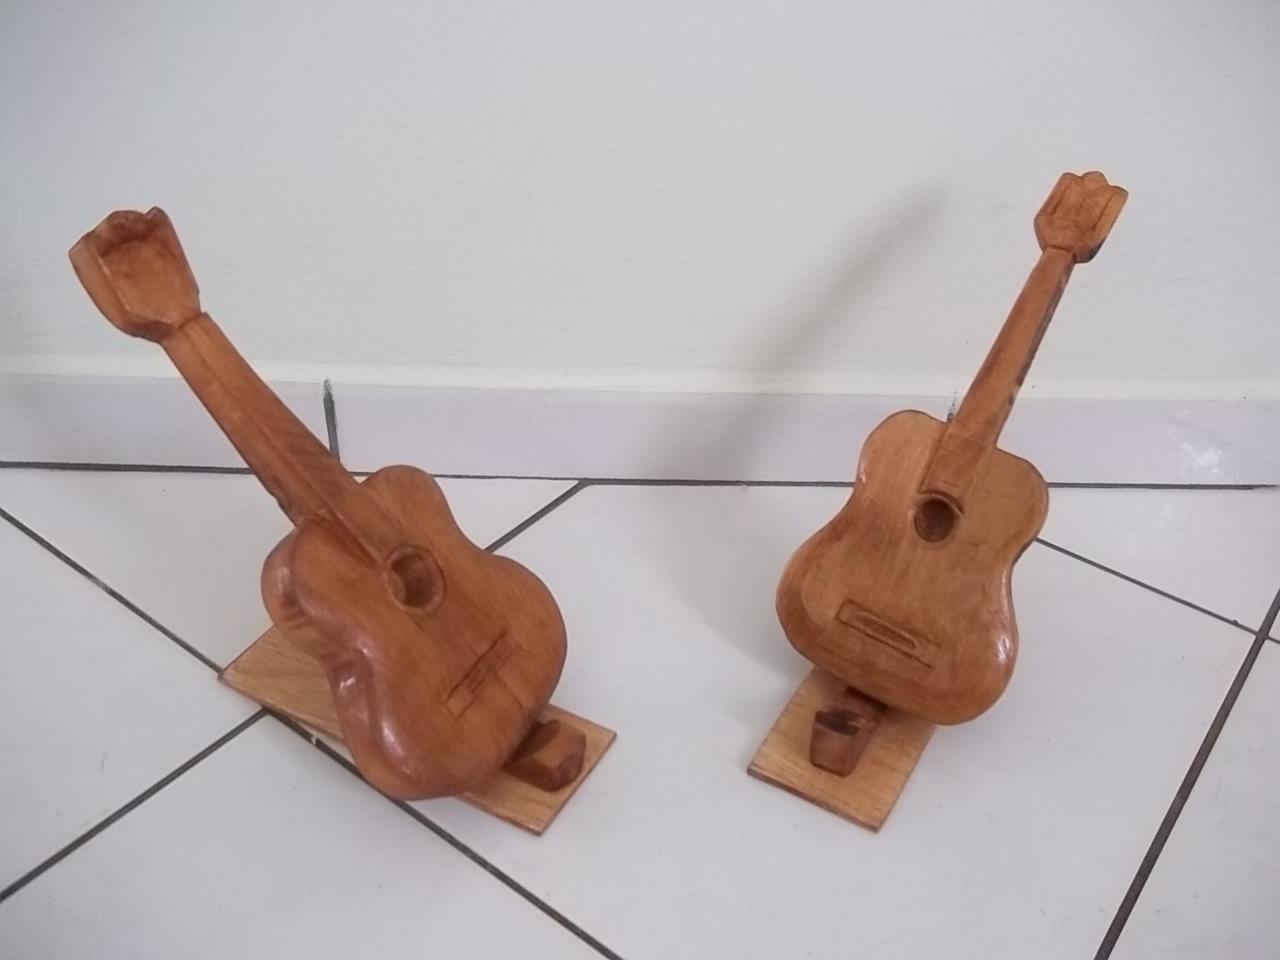 Wakan Wood Artesanato Xamânico ~ Oficina de Artesanato em Madeira Nossos trabalhos